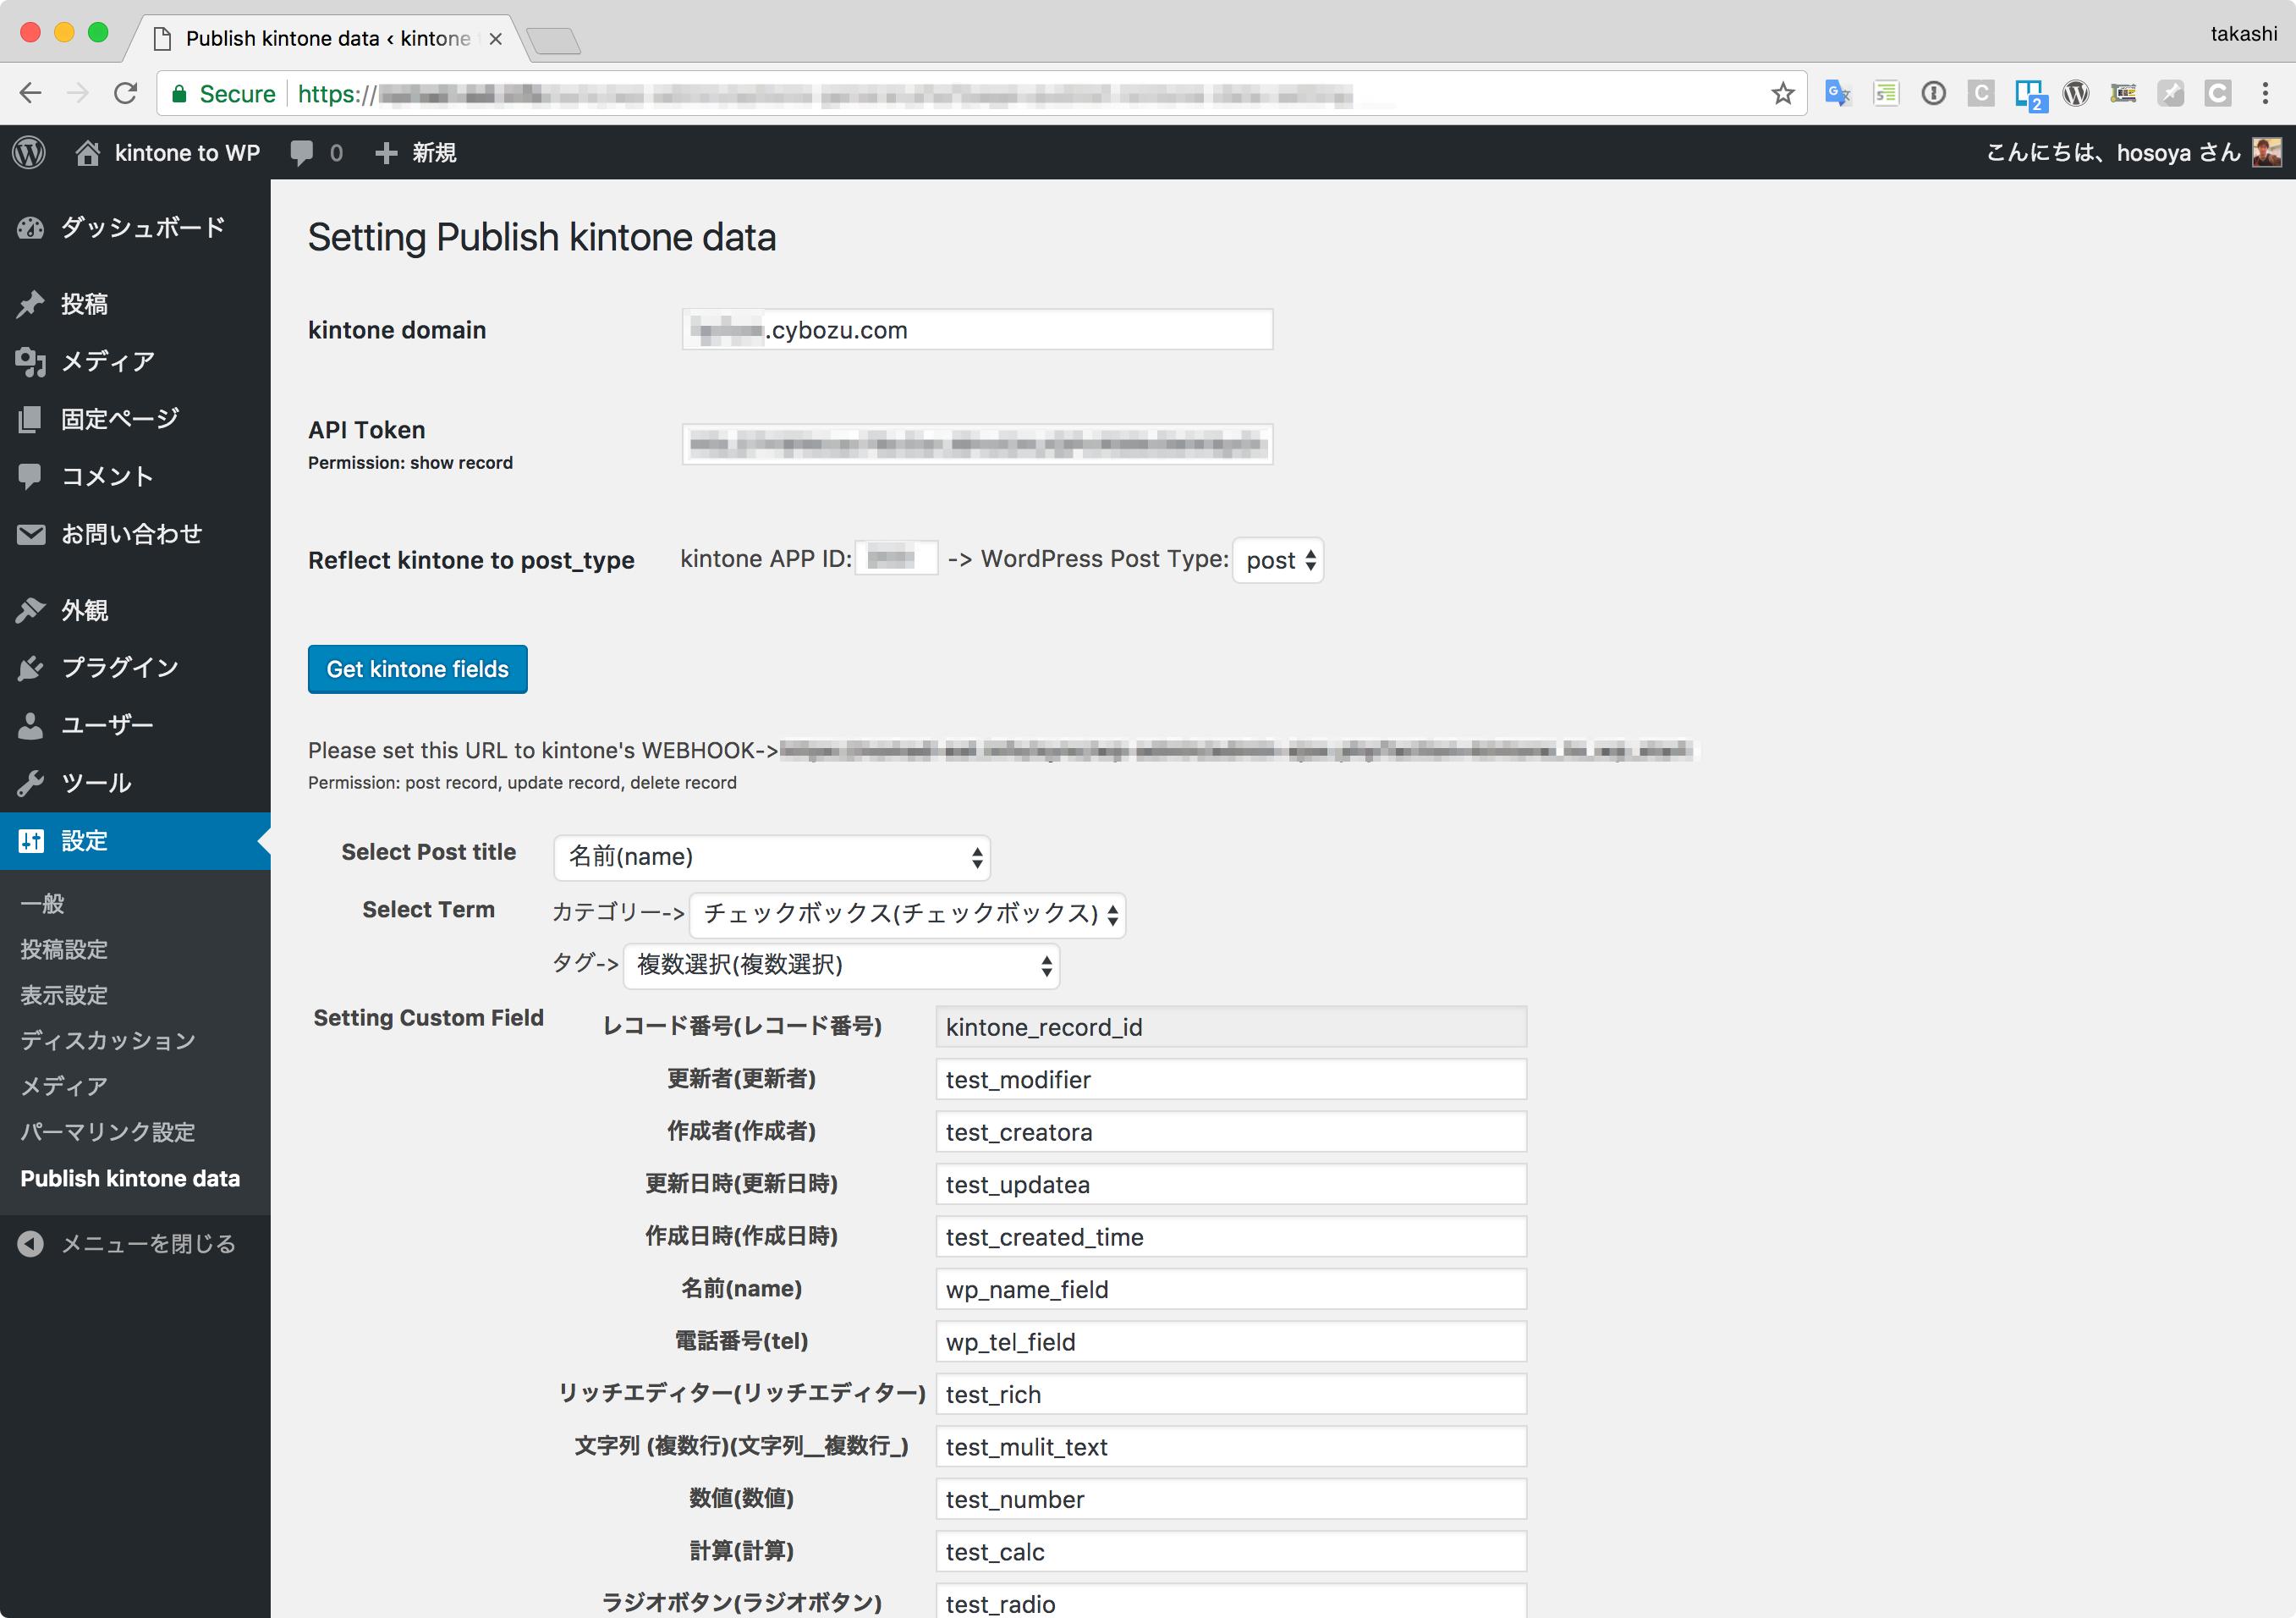 kintoneのデータをWordPressに取り込むプラグインを作成しました。